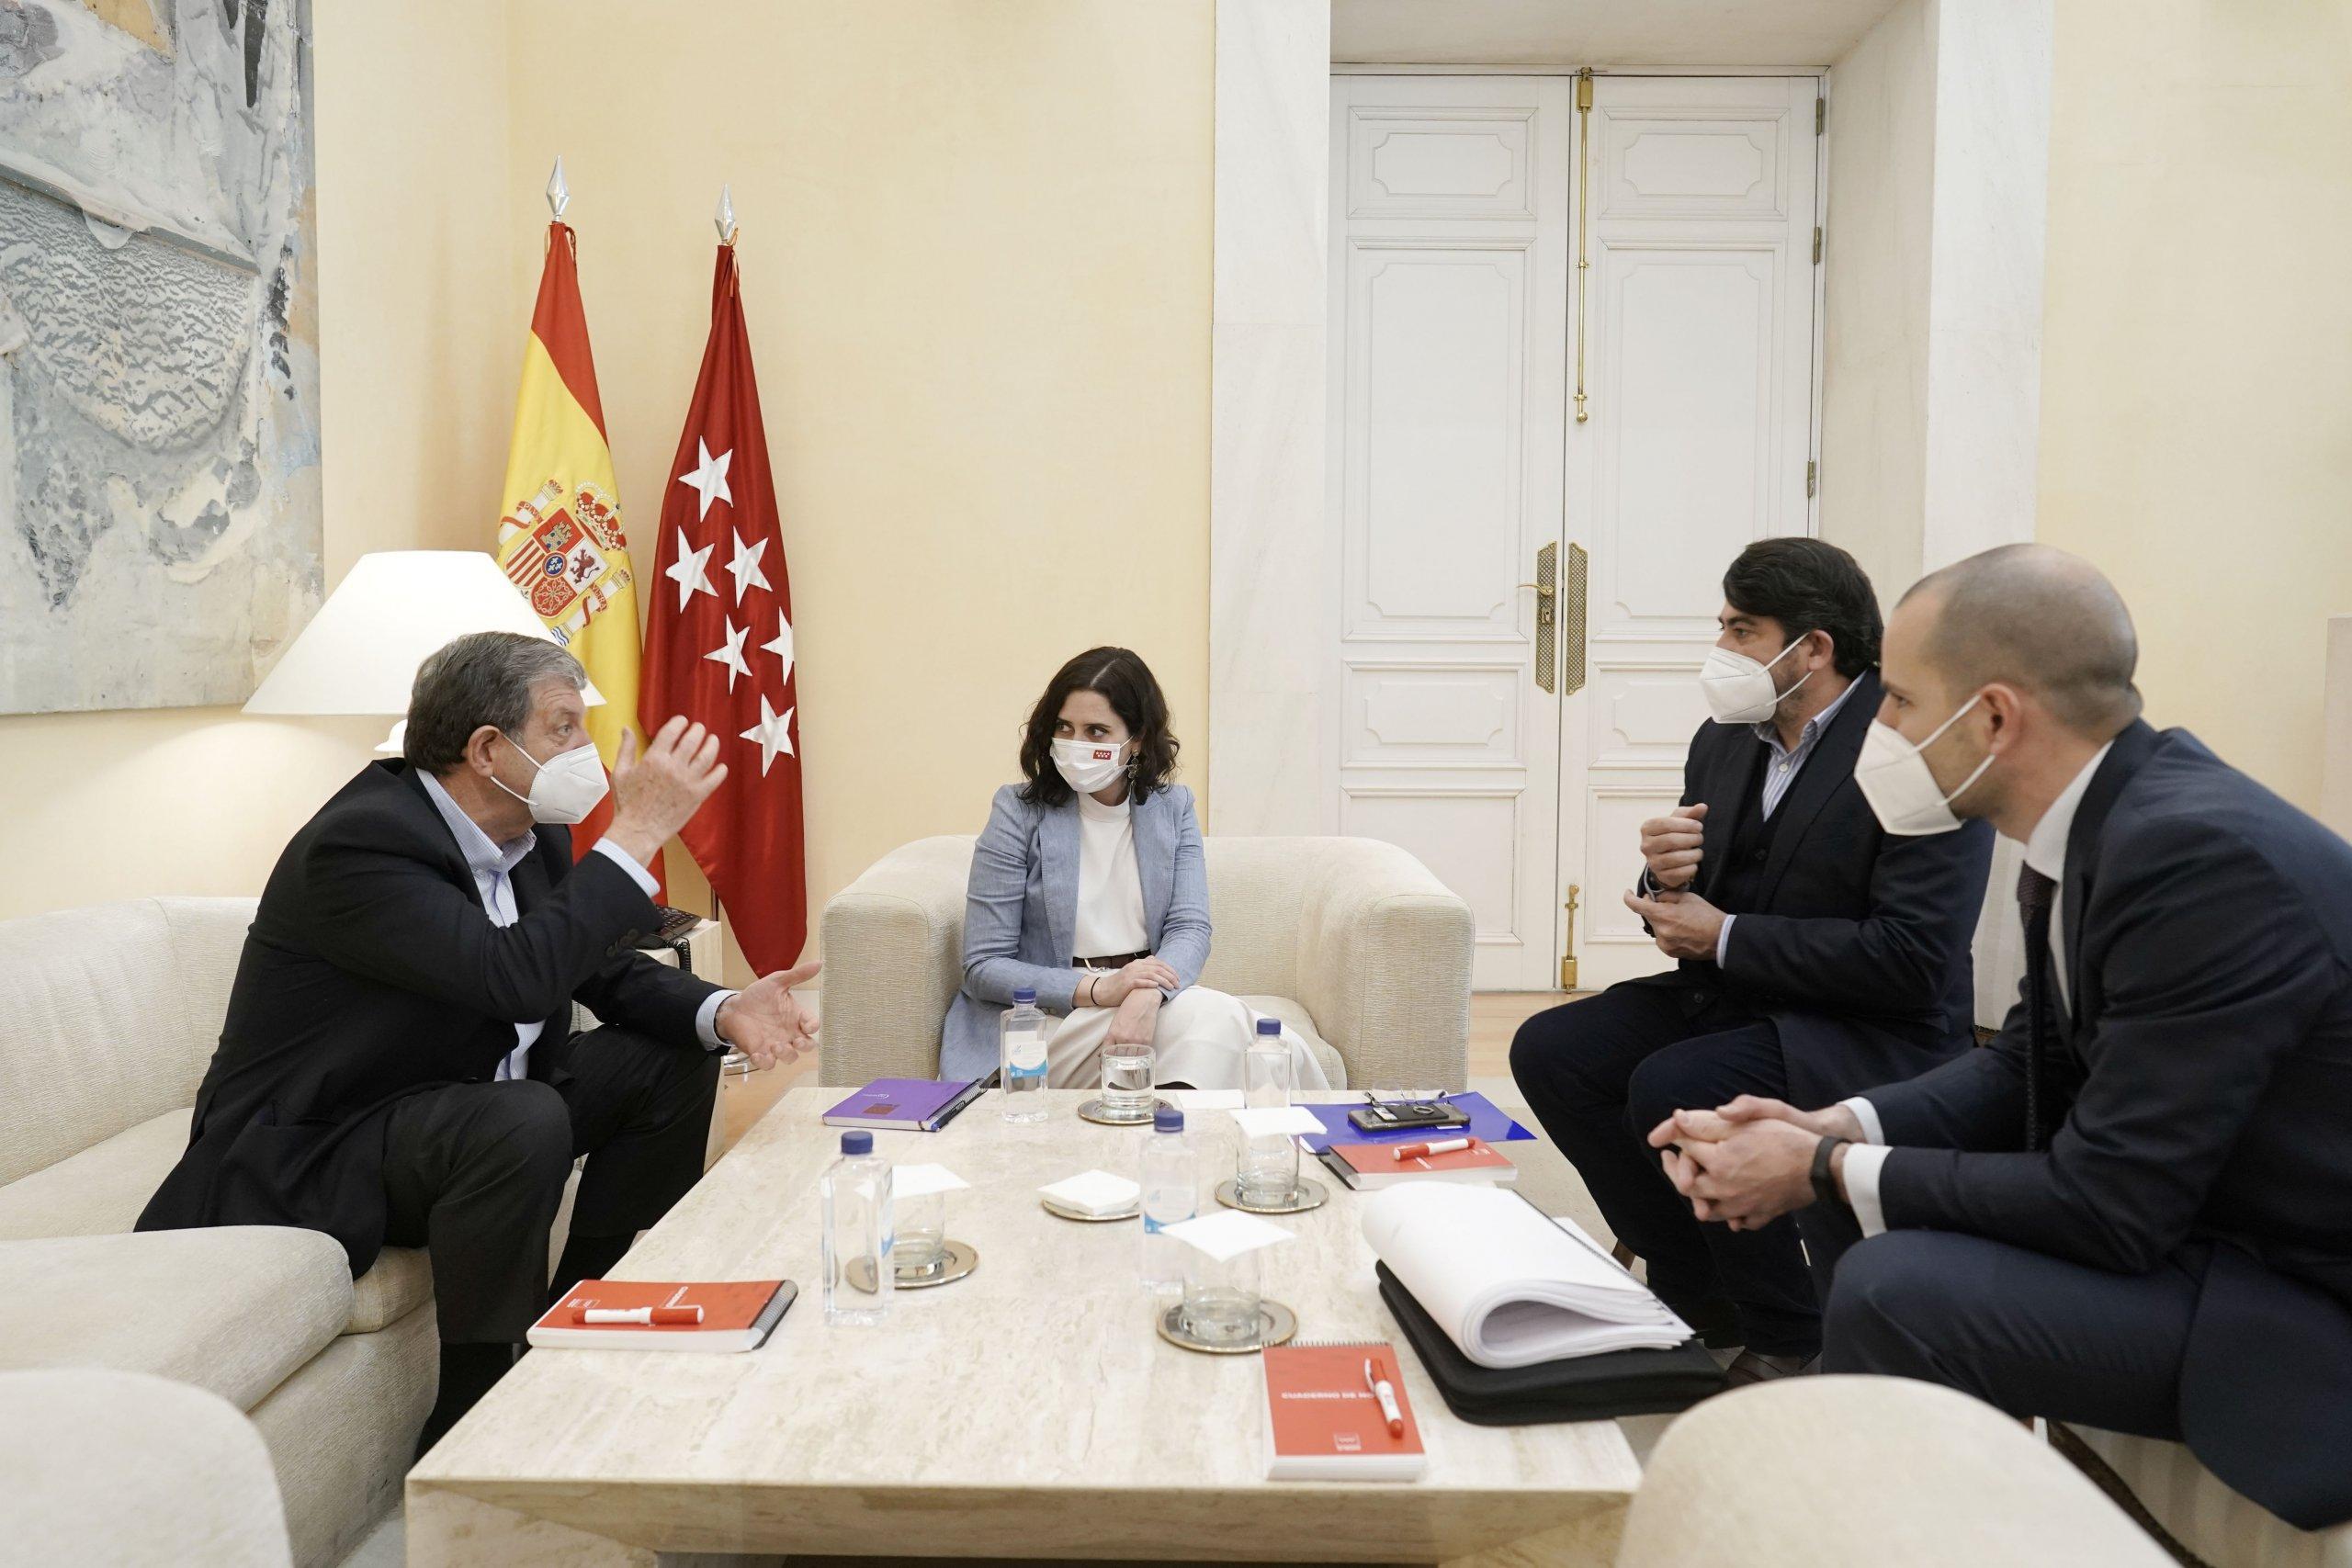 Reunión del regidor villanovense con la presidenta de la CM, el consejero de Vivienda y Administración Local y el alcalde de Majadahonda.